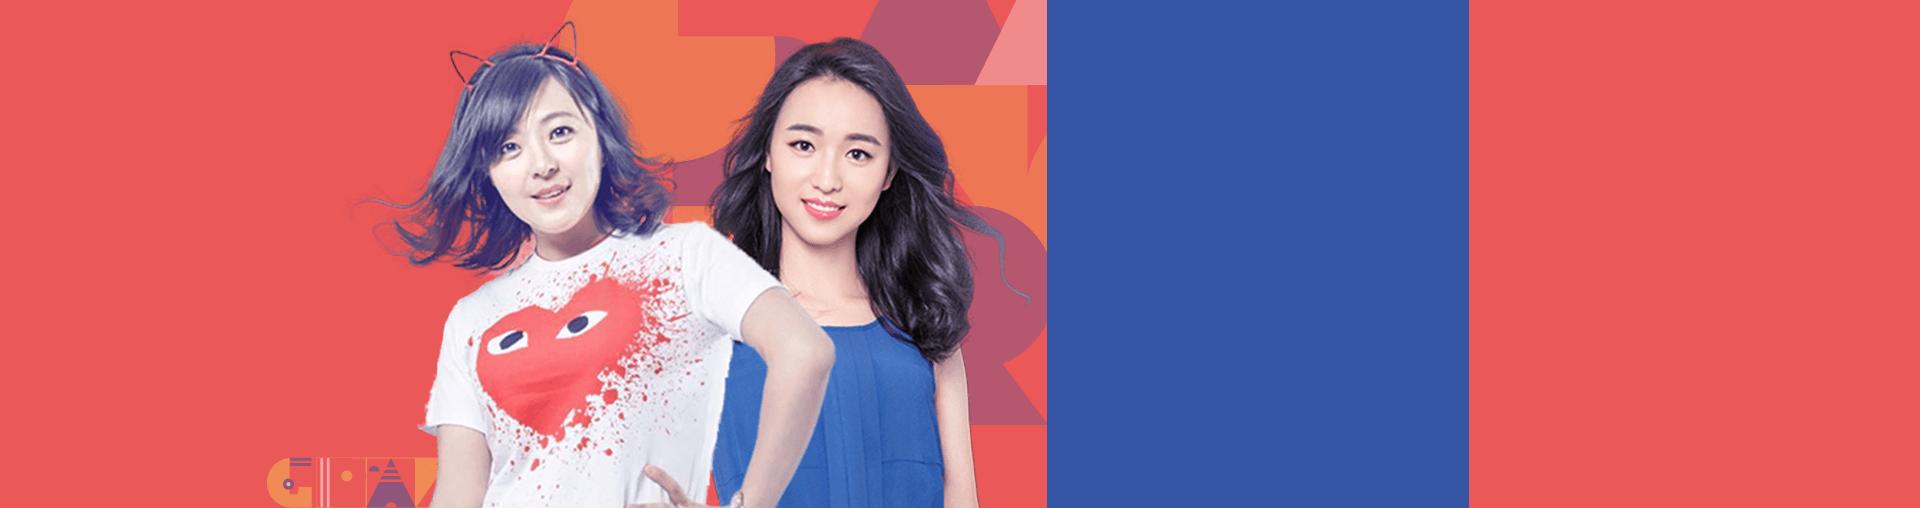 王菲语法班·第12季(经典语法课程)